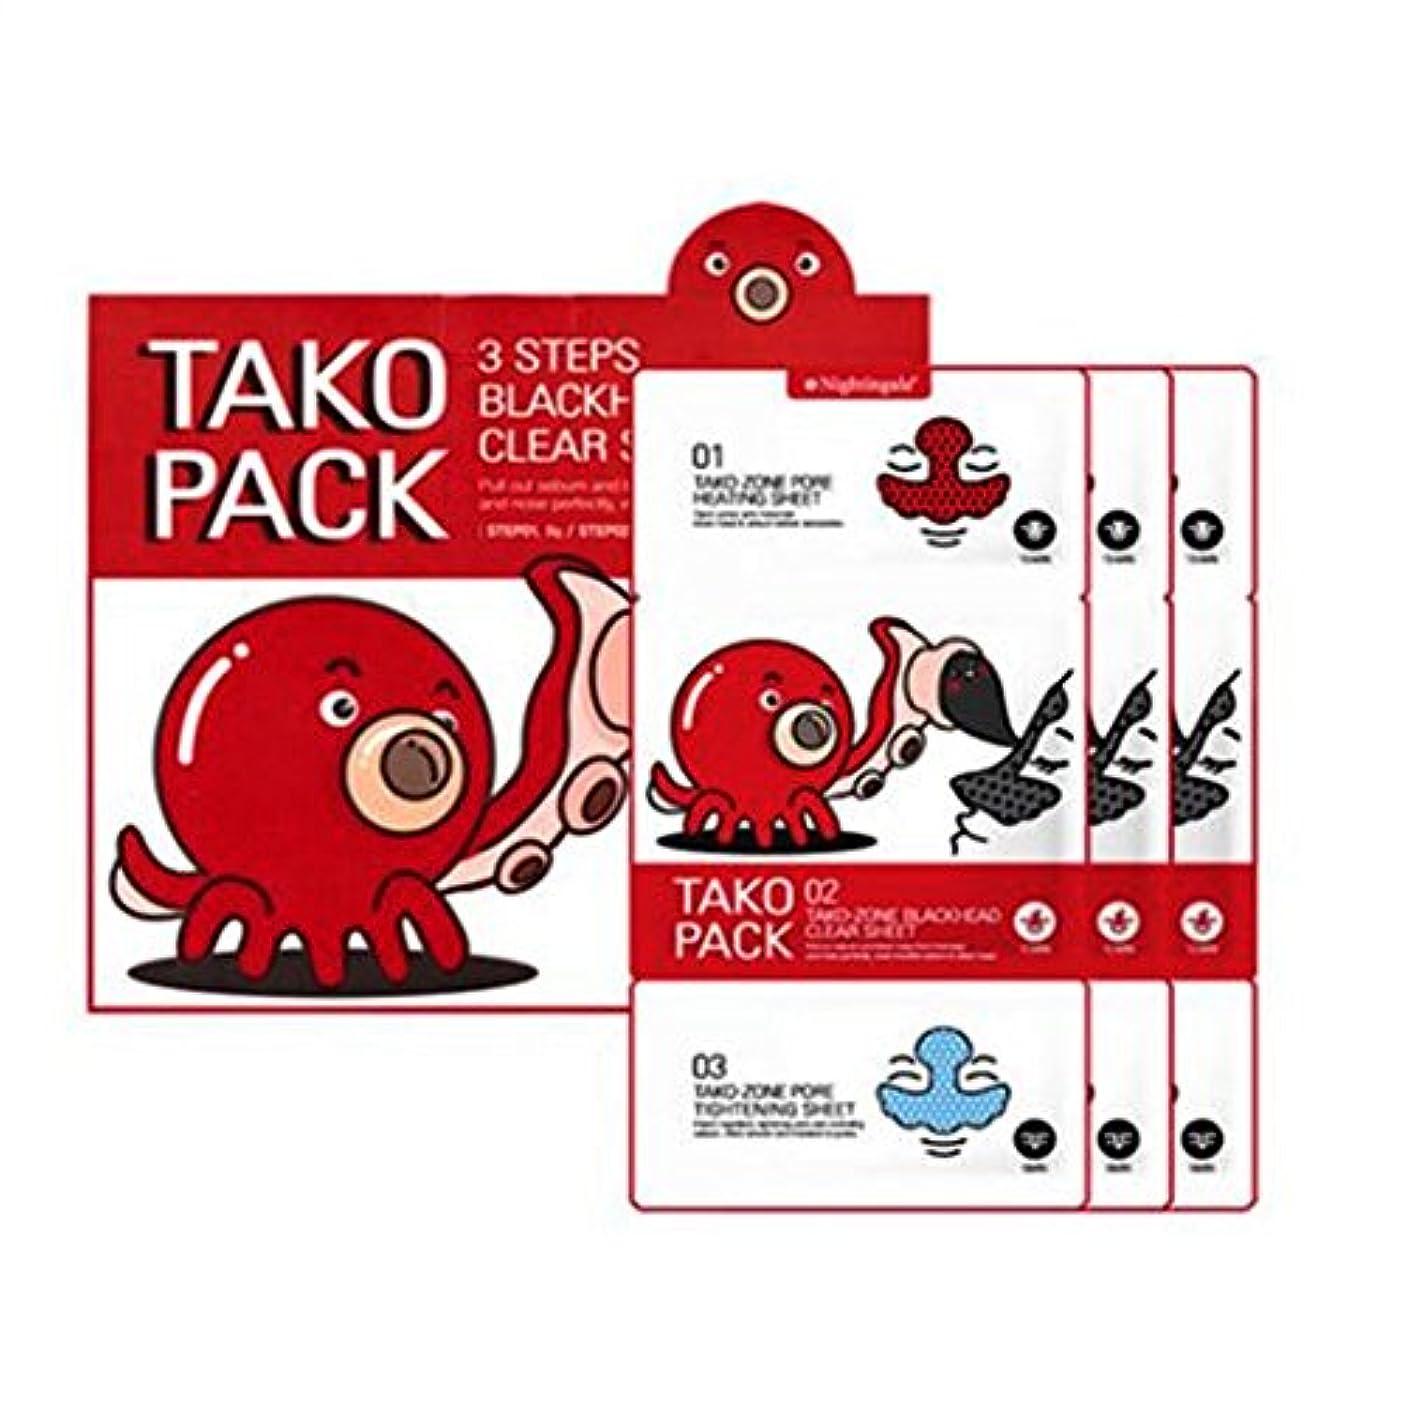 フィードバックミニチュア昼食Nightingale 3Step Tako Pack 3EA/ナイチンゲール 3ステップ タコ パック [タコ吸着パック] 3回分 [並行輸入品]